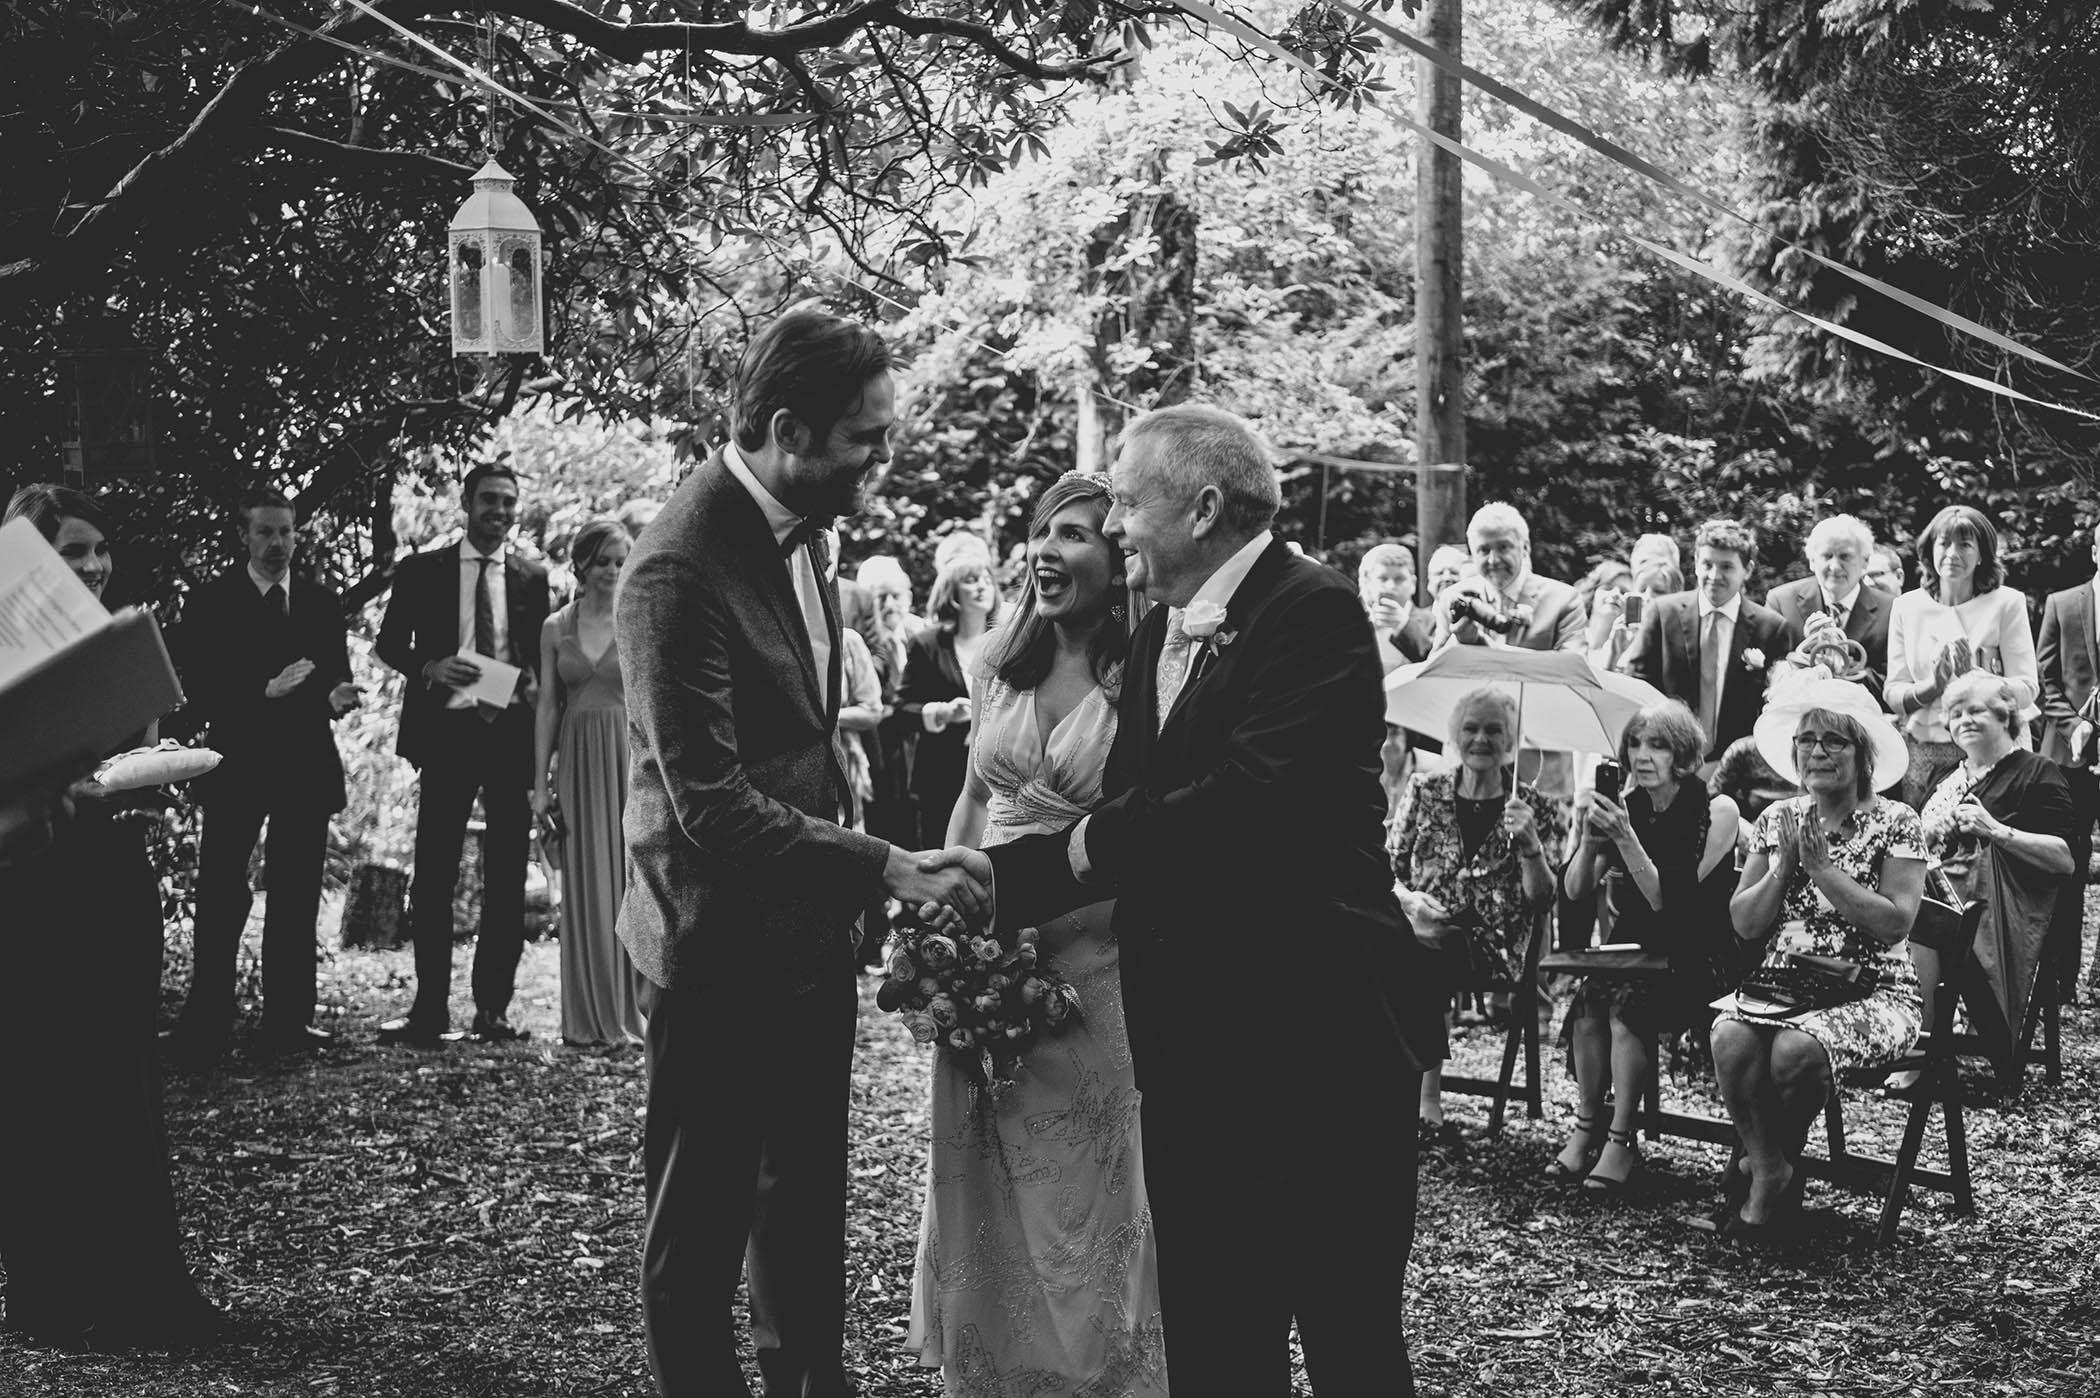 Trudder Lodge outdoor wedding 2014